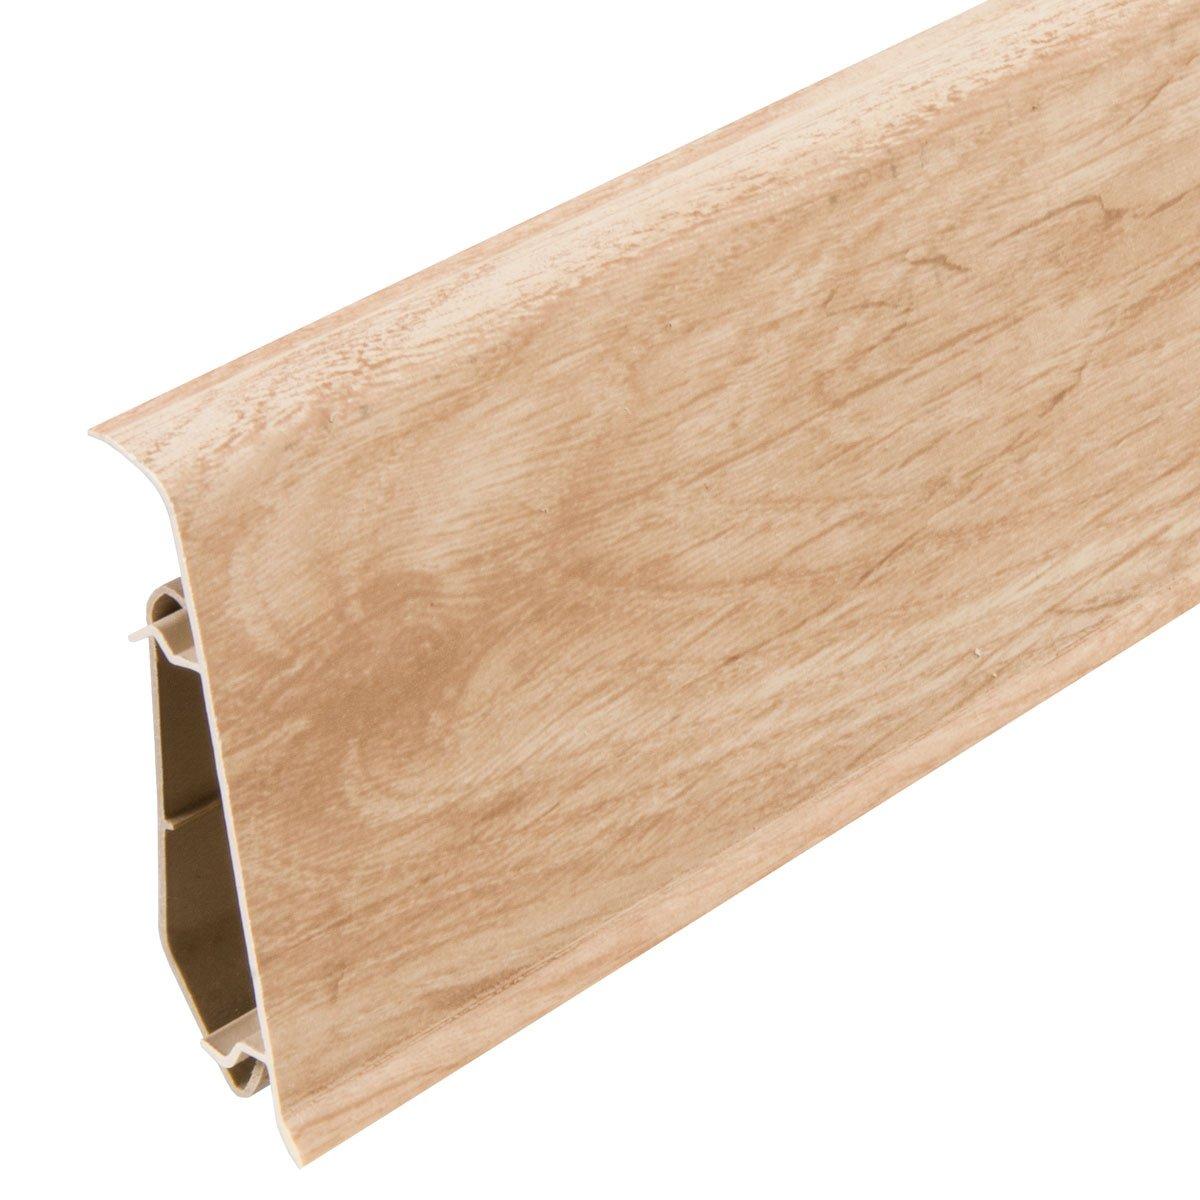 HOLZBRINK 200cm Sockelleiste Fussleiste 70mm x 20,7mm aus Kunststoff VEO 018 PASTELL EICHE